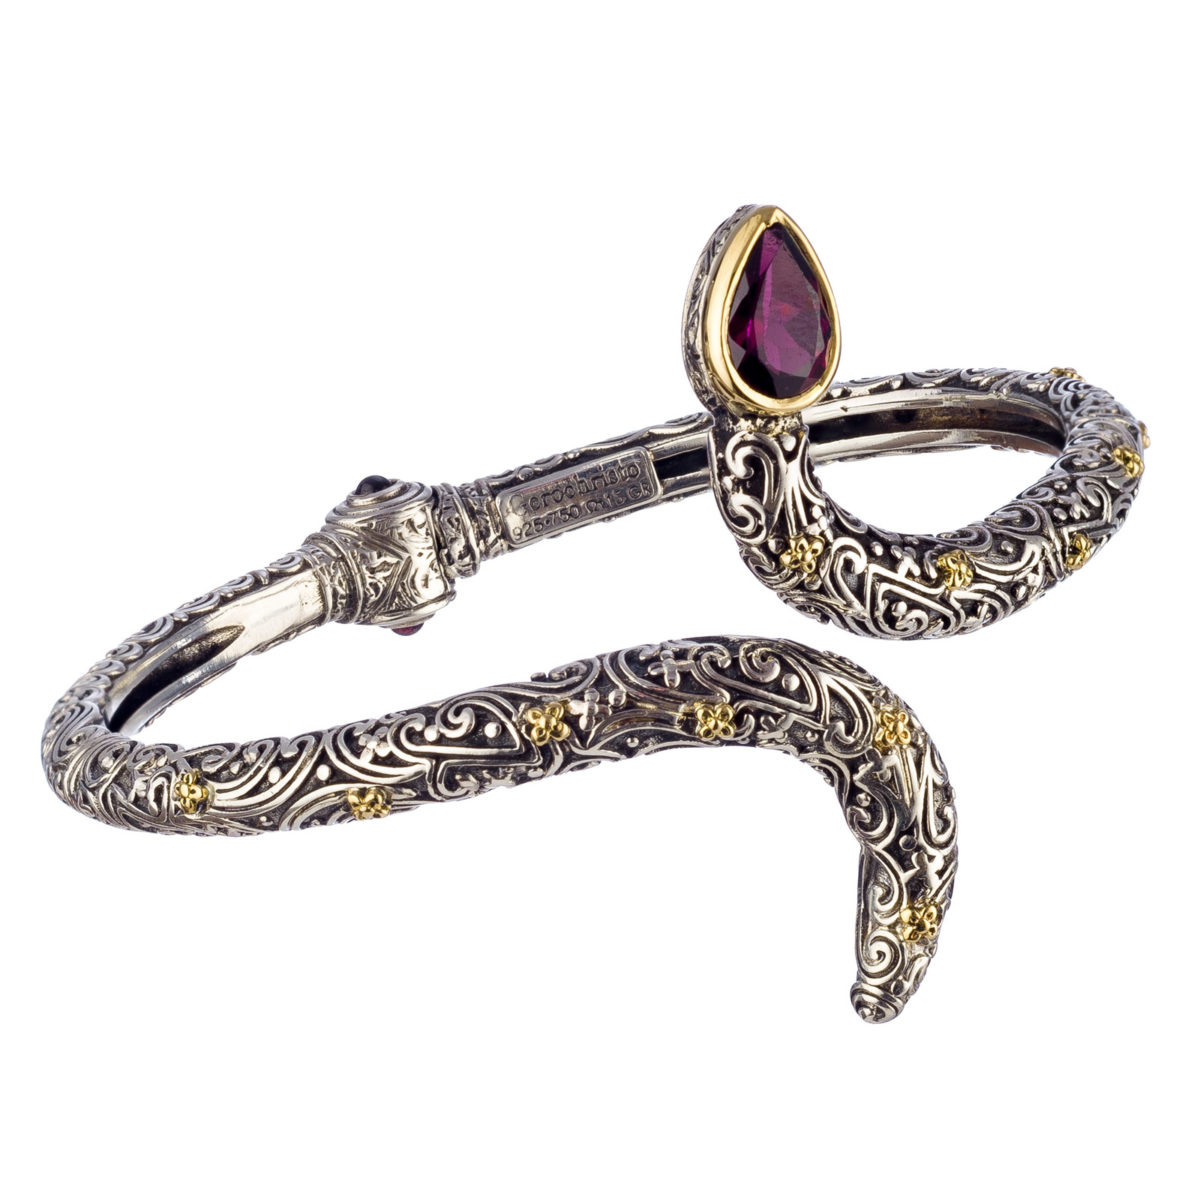 Χειροποίητο βραχιόλι Gerochristos σε σχήμα φιδιού διακοσμημένο με χρυσά άνθη και μια ορυκτή πέτρα Γρανάτη